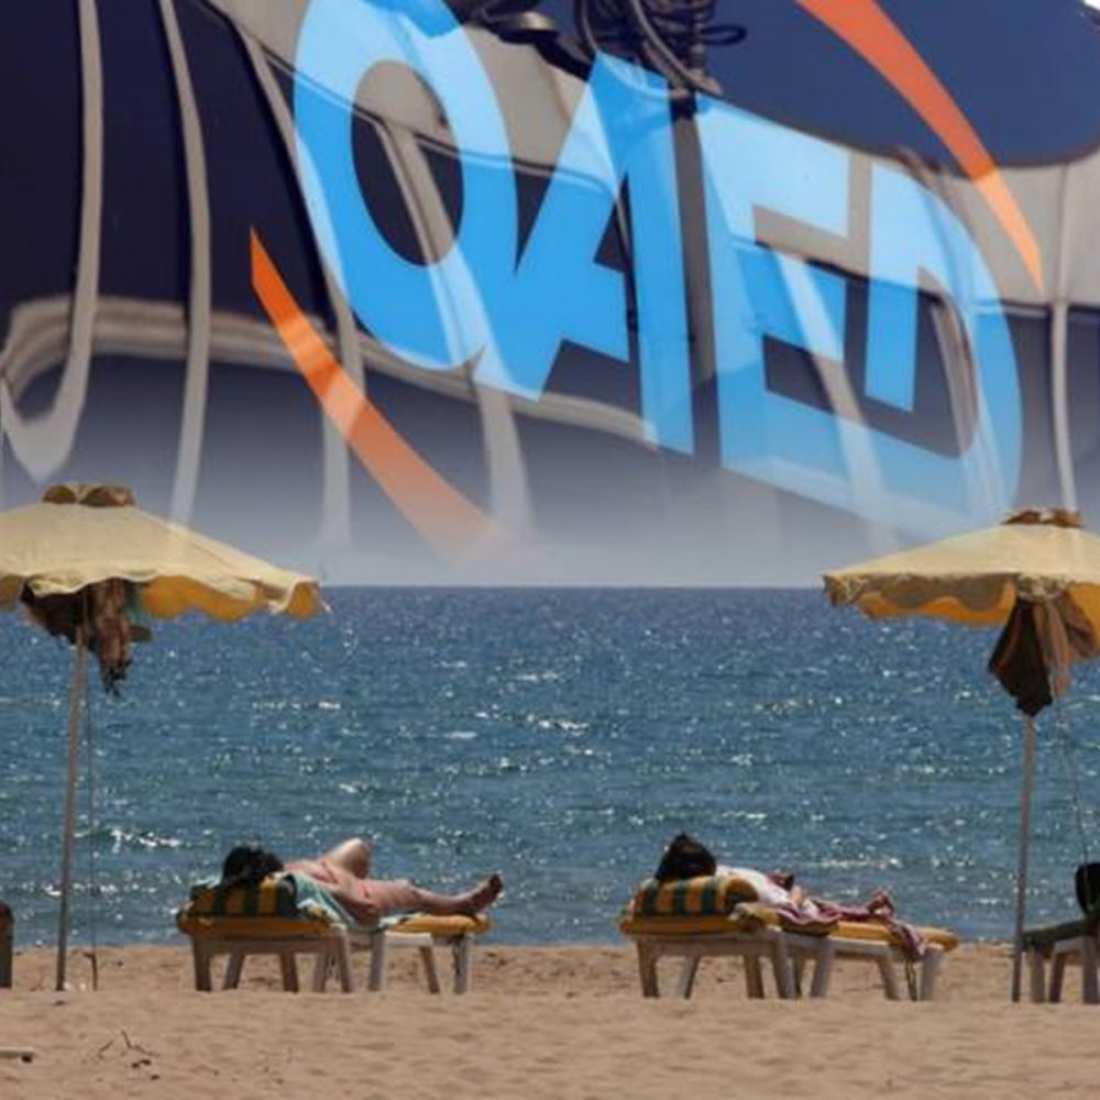 ΟΑΕΔ: Άνοιξε το σύστημα για τους πάροχους καταλυμάτων στο Πρόγραμμα Κοινωνικού Τουρισμού